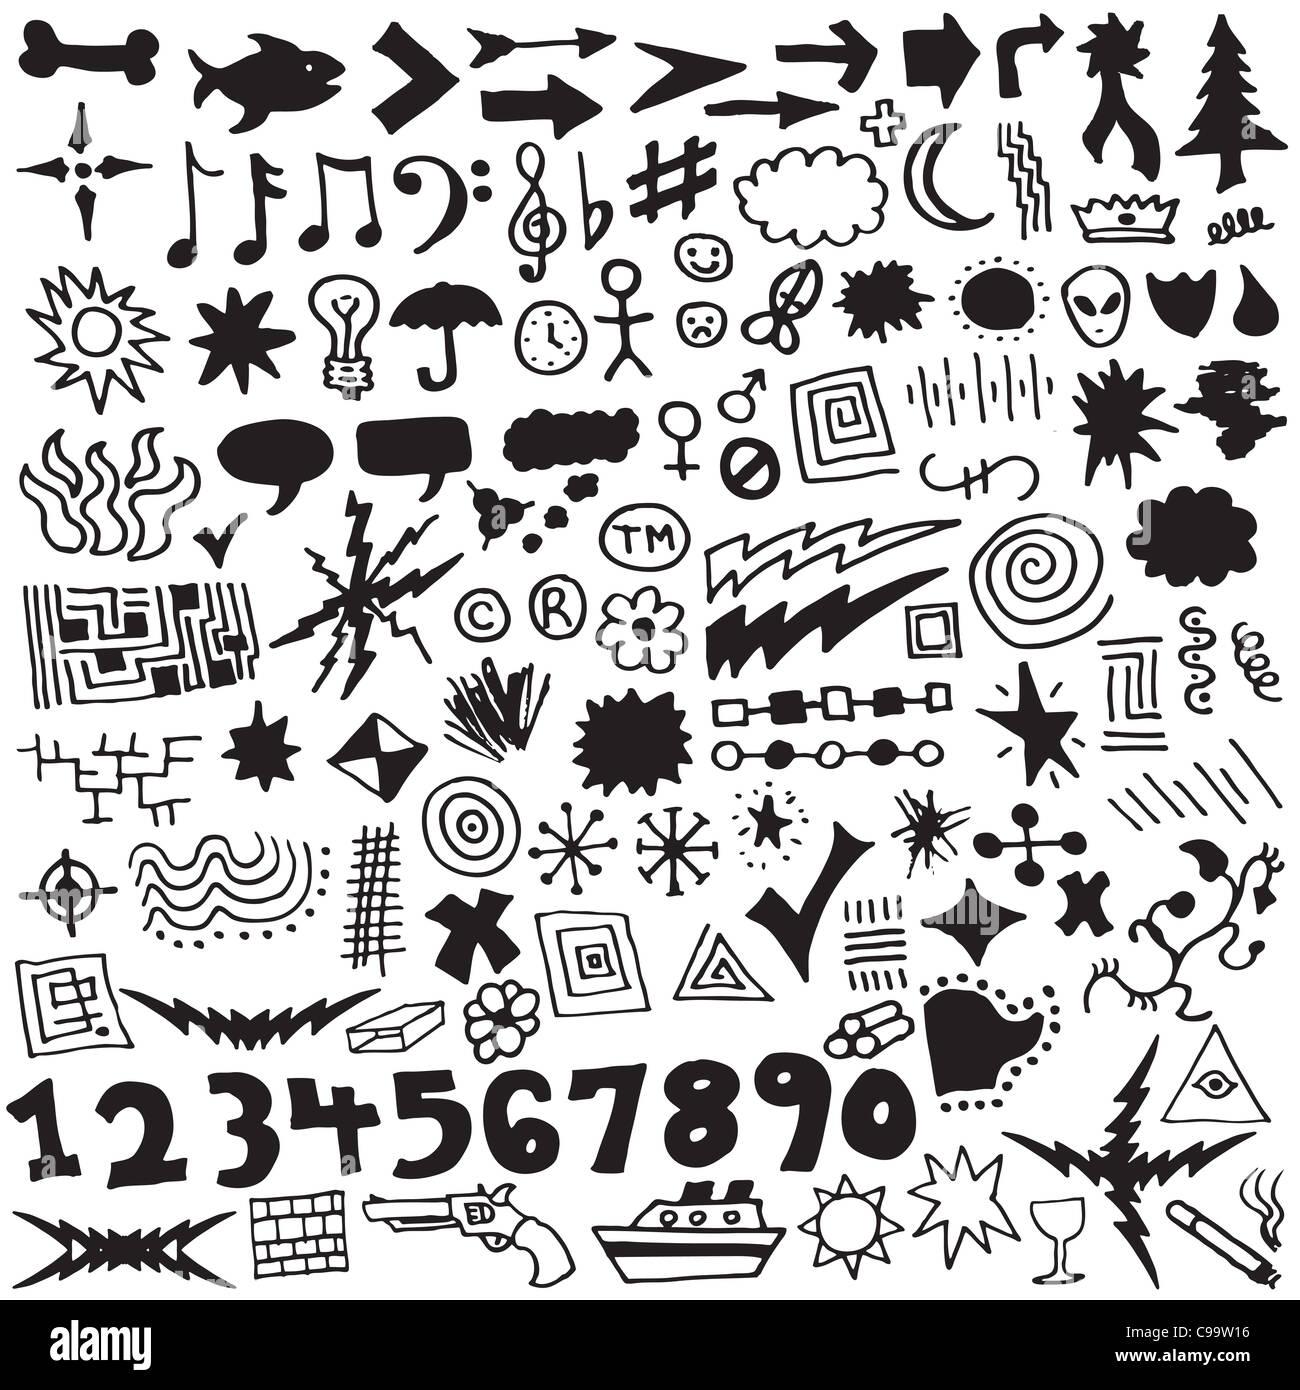 Sammlung von über 120 einzigartige, handgezeichnete Design-Elemente. Stockbild